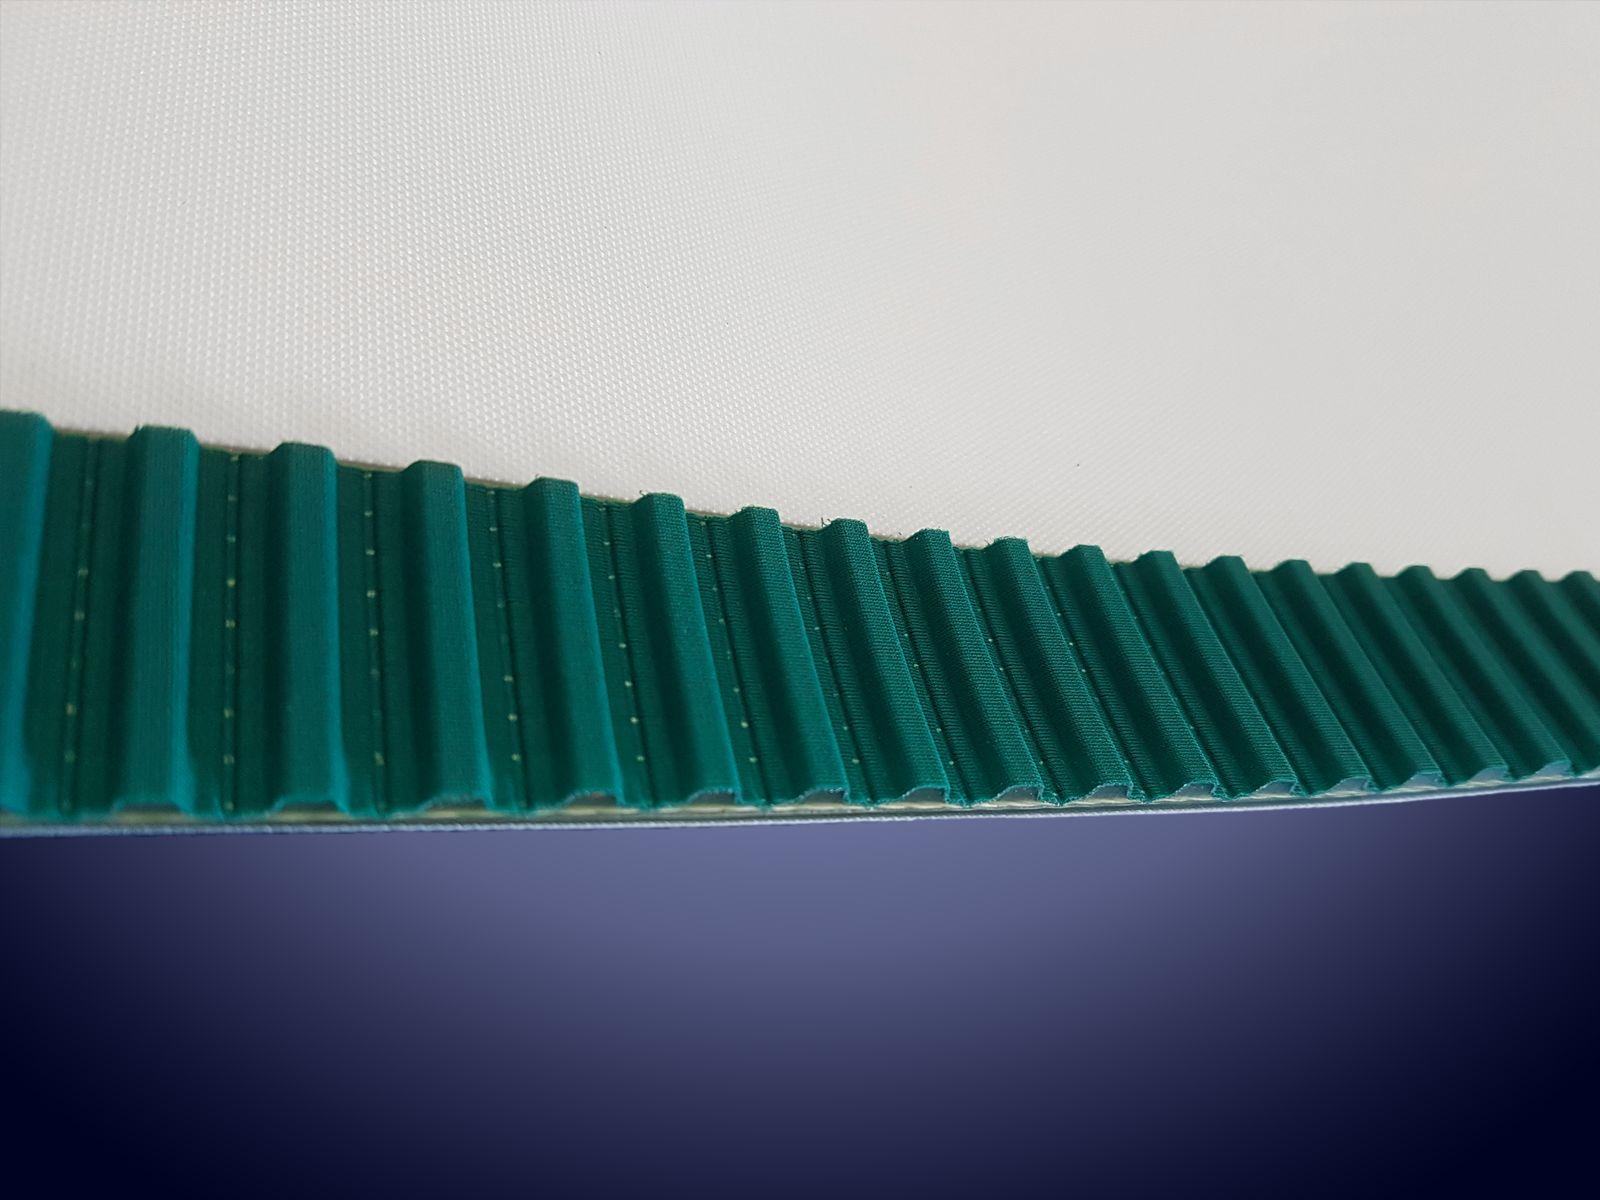 La cinghia dentata applicata al nastro permette di non avere allungamenti nel tempo